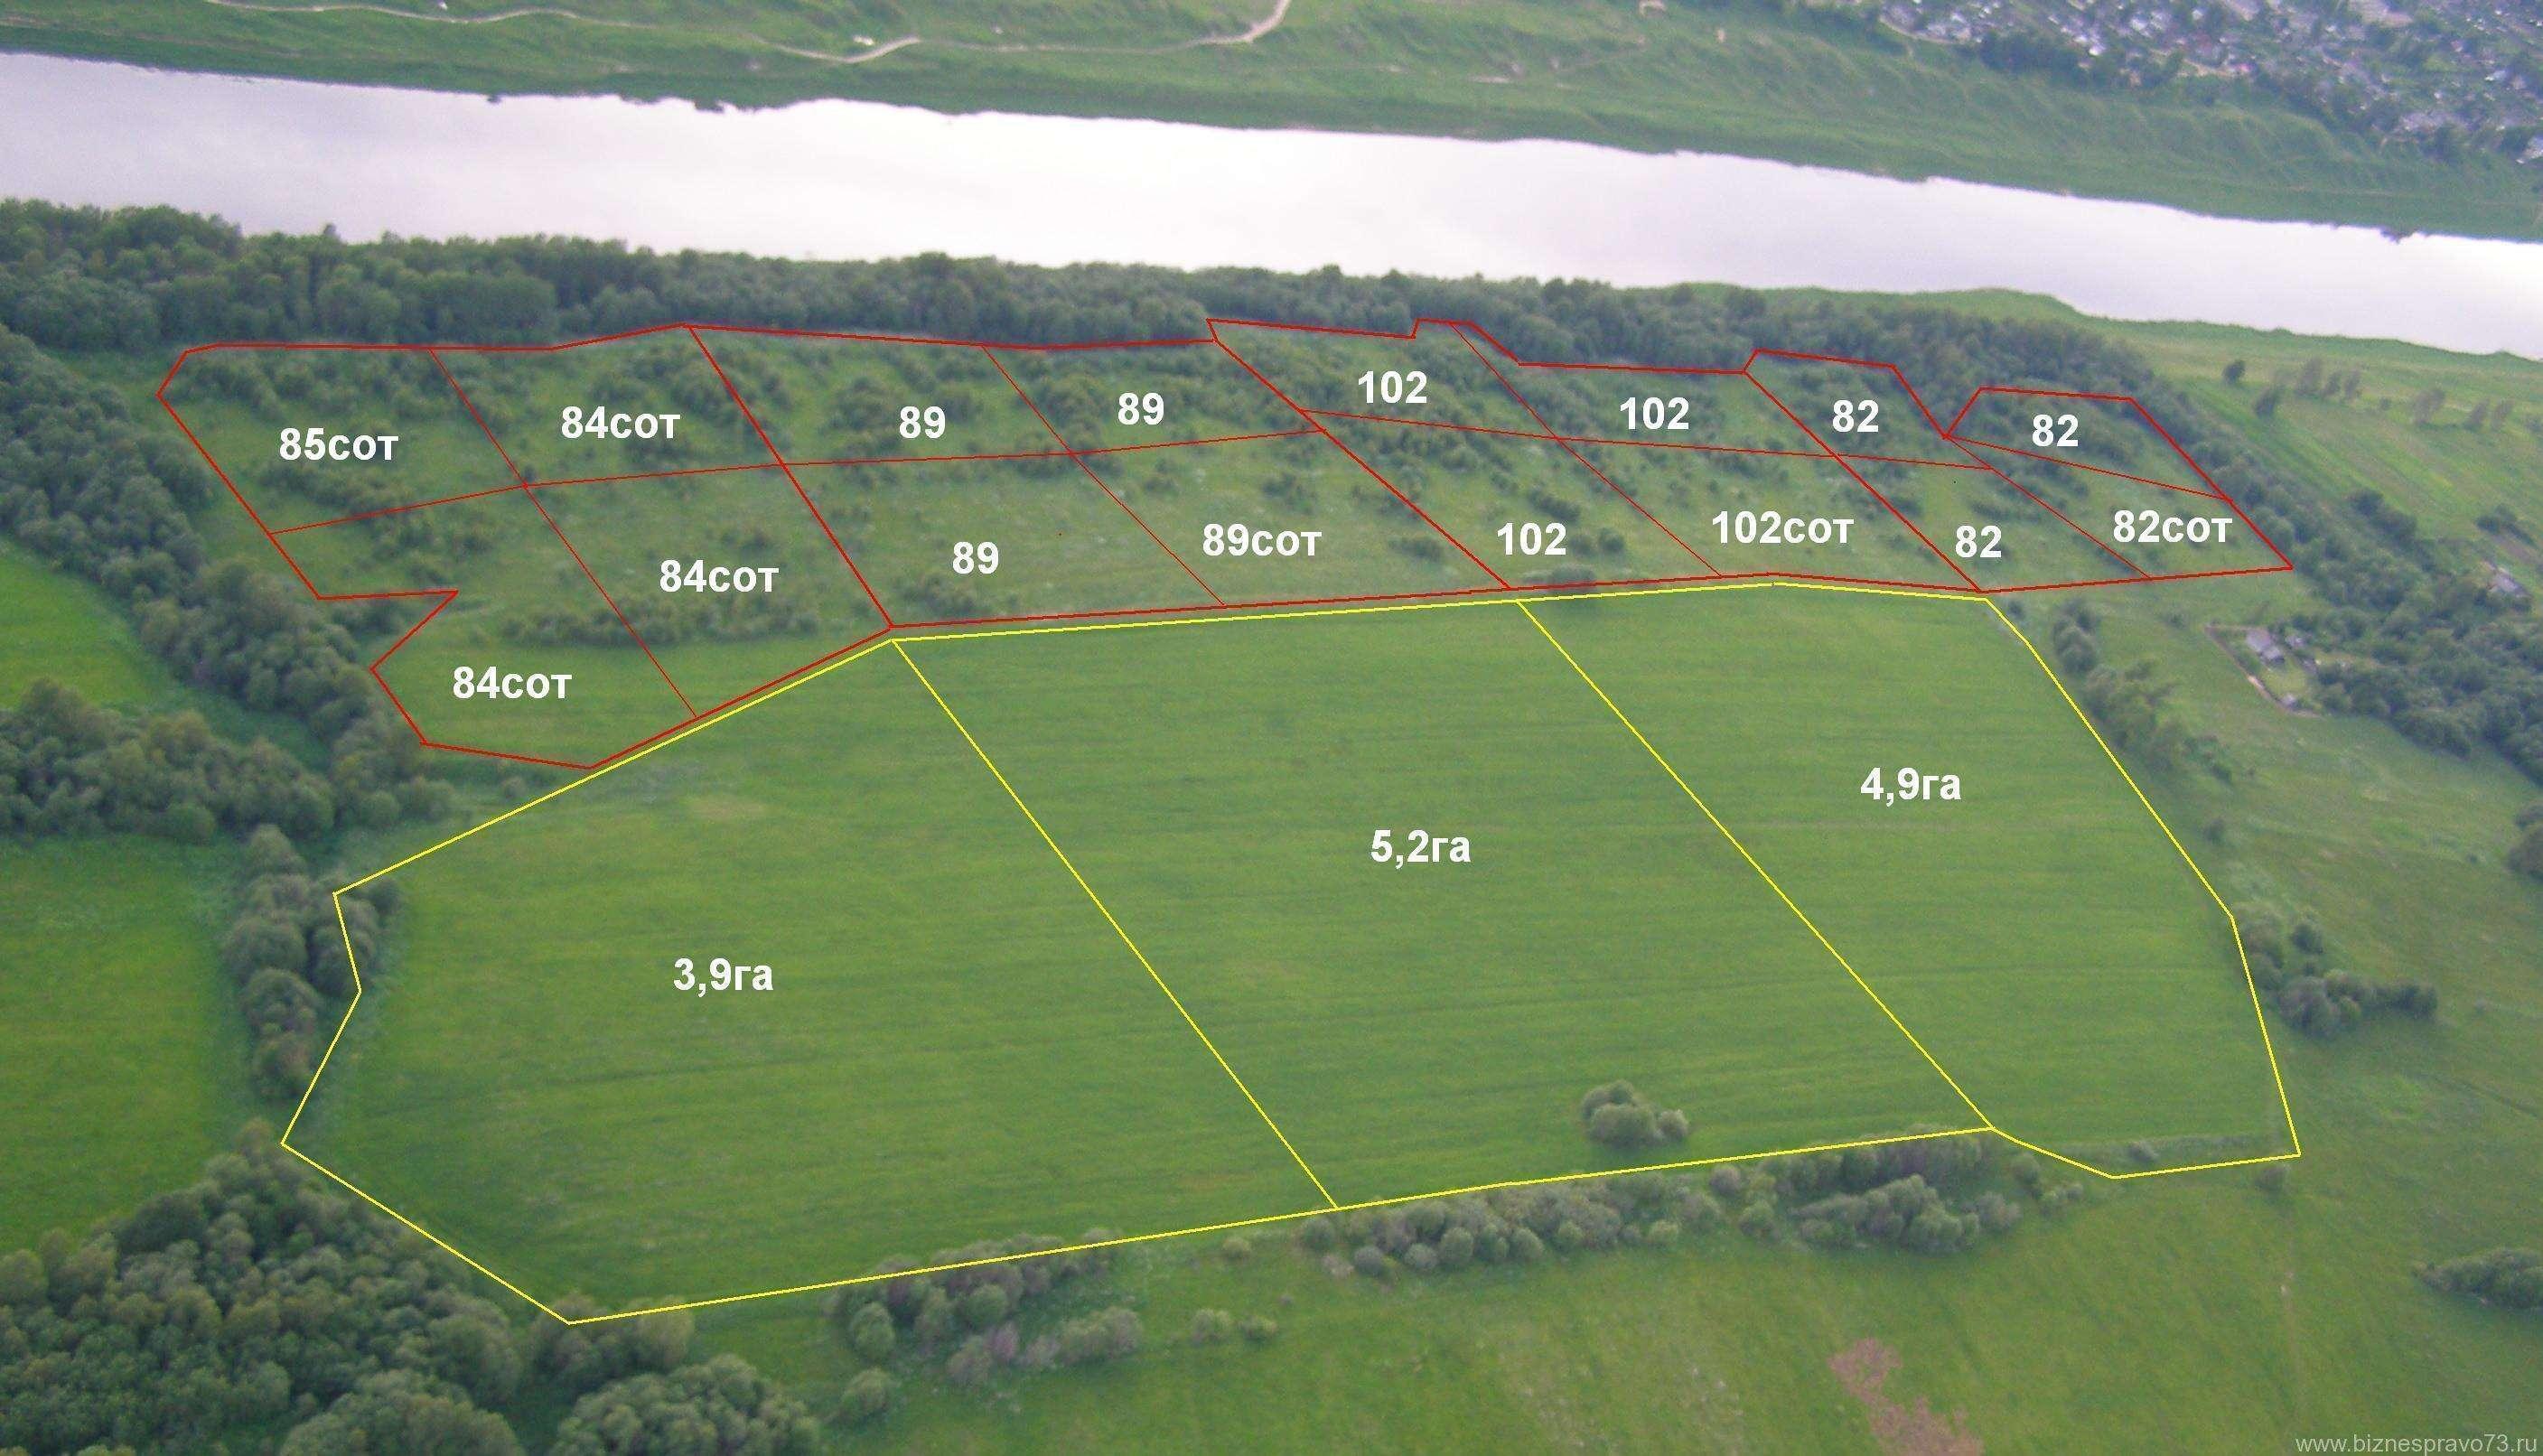 Банк данных свободных земельных участков и объектов недвижимого имущества по состоянию на 01.04.2020